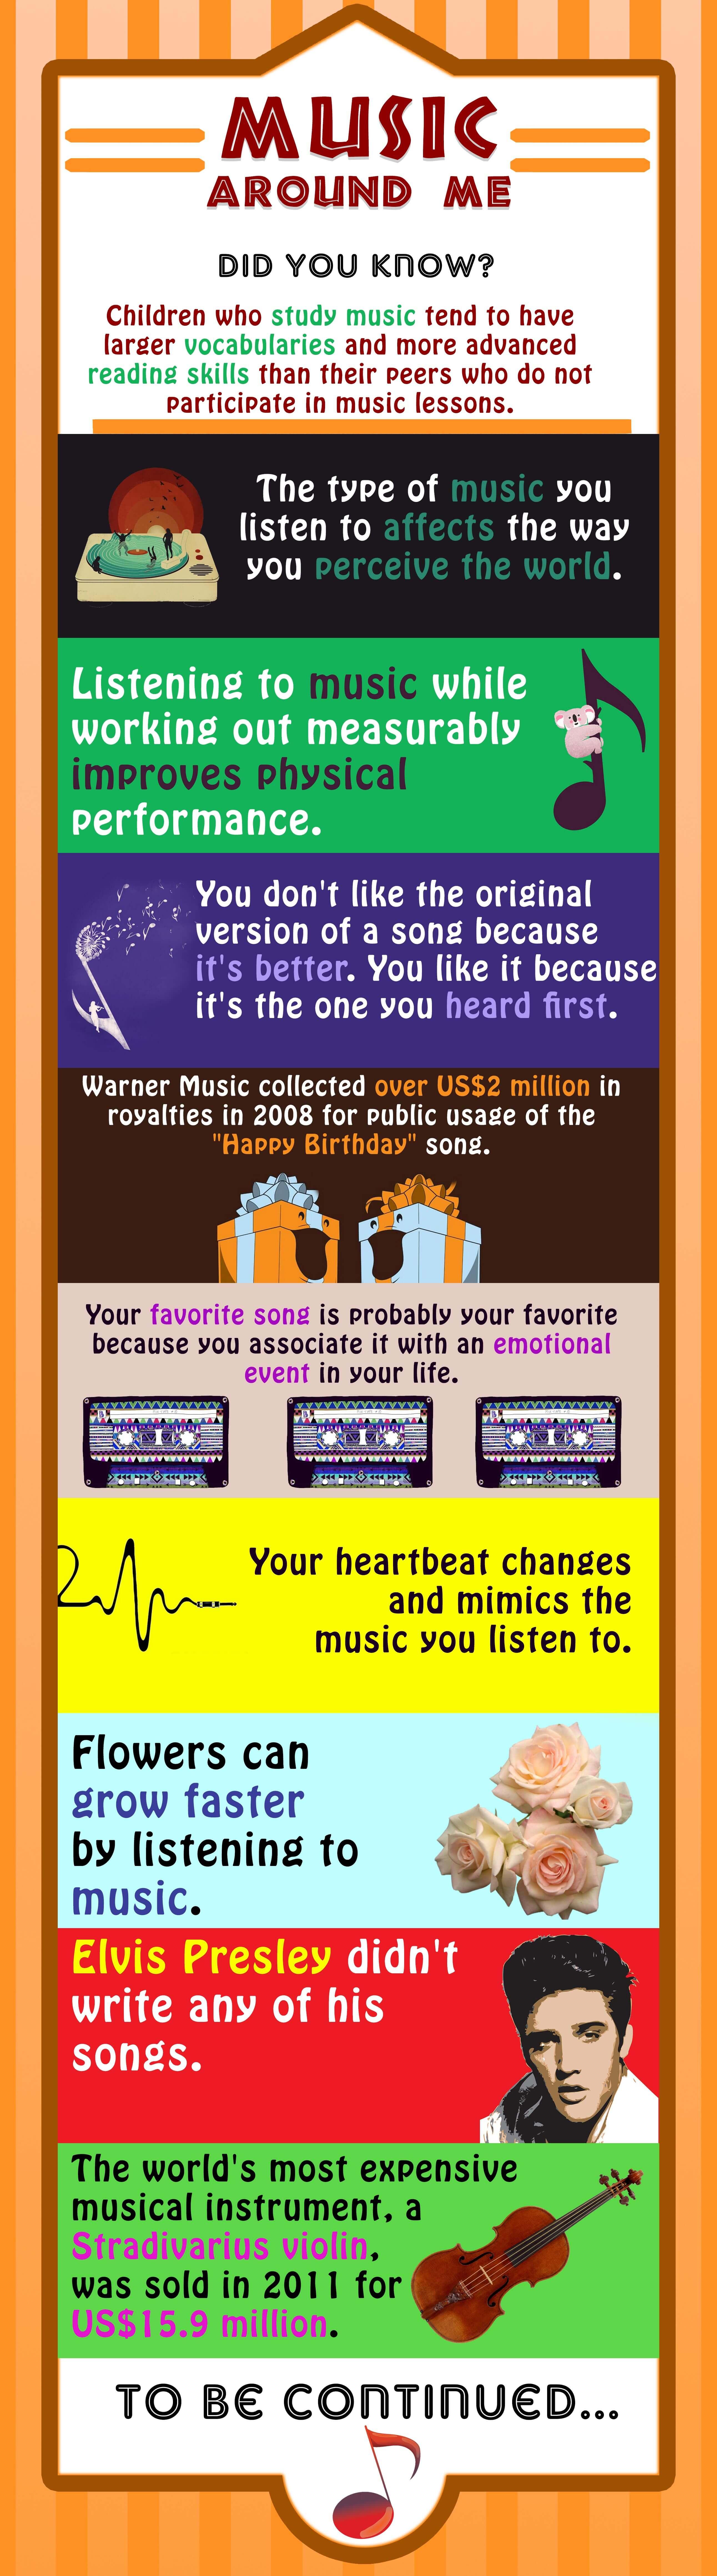 Infographic: Music around me